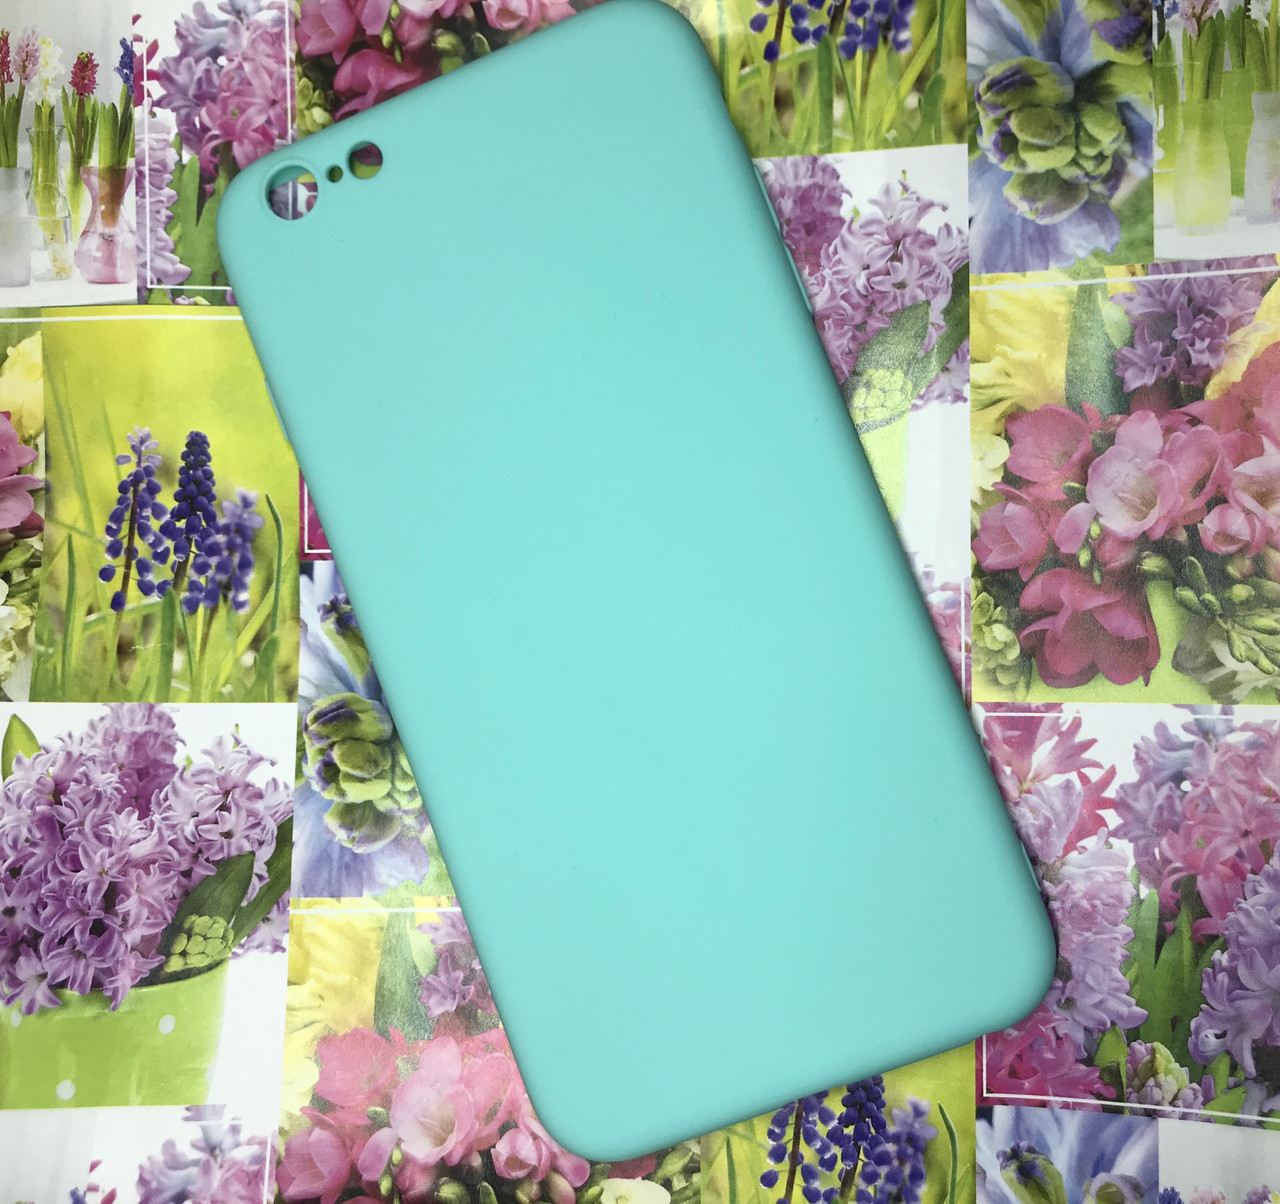 Apple Iphone 6S Plus чехол / бампер / накладка цветной силиконовый матовый мятный ментоловый